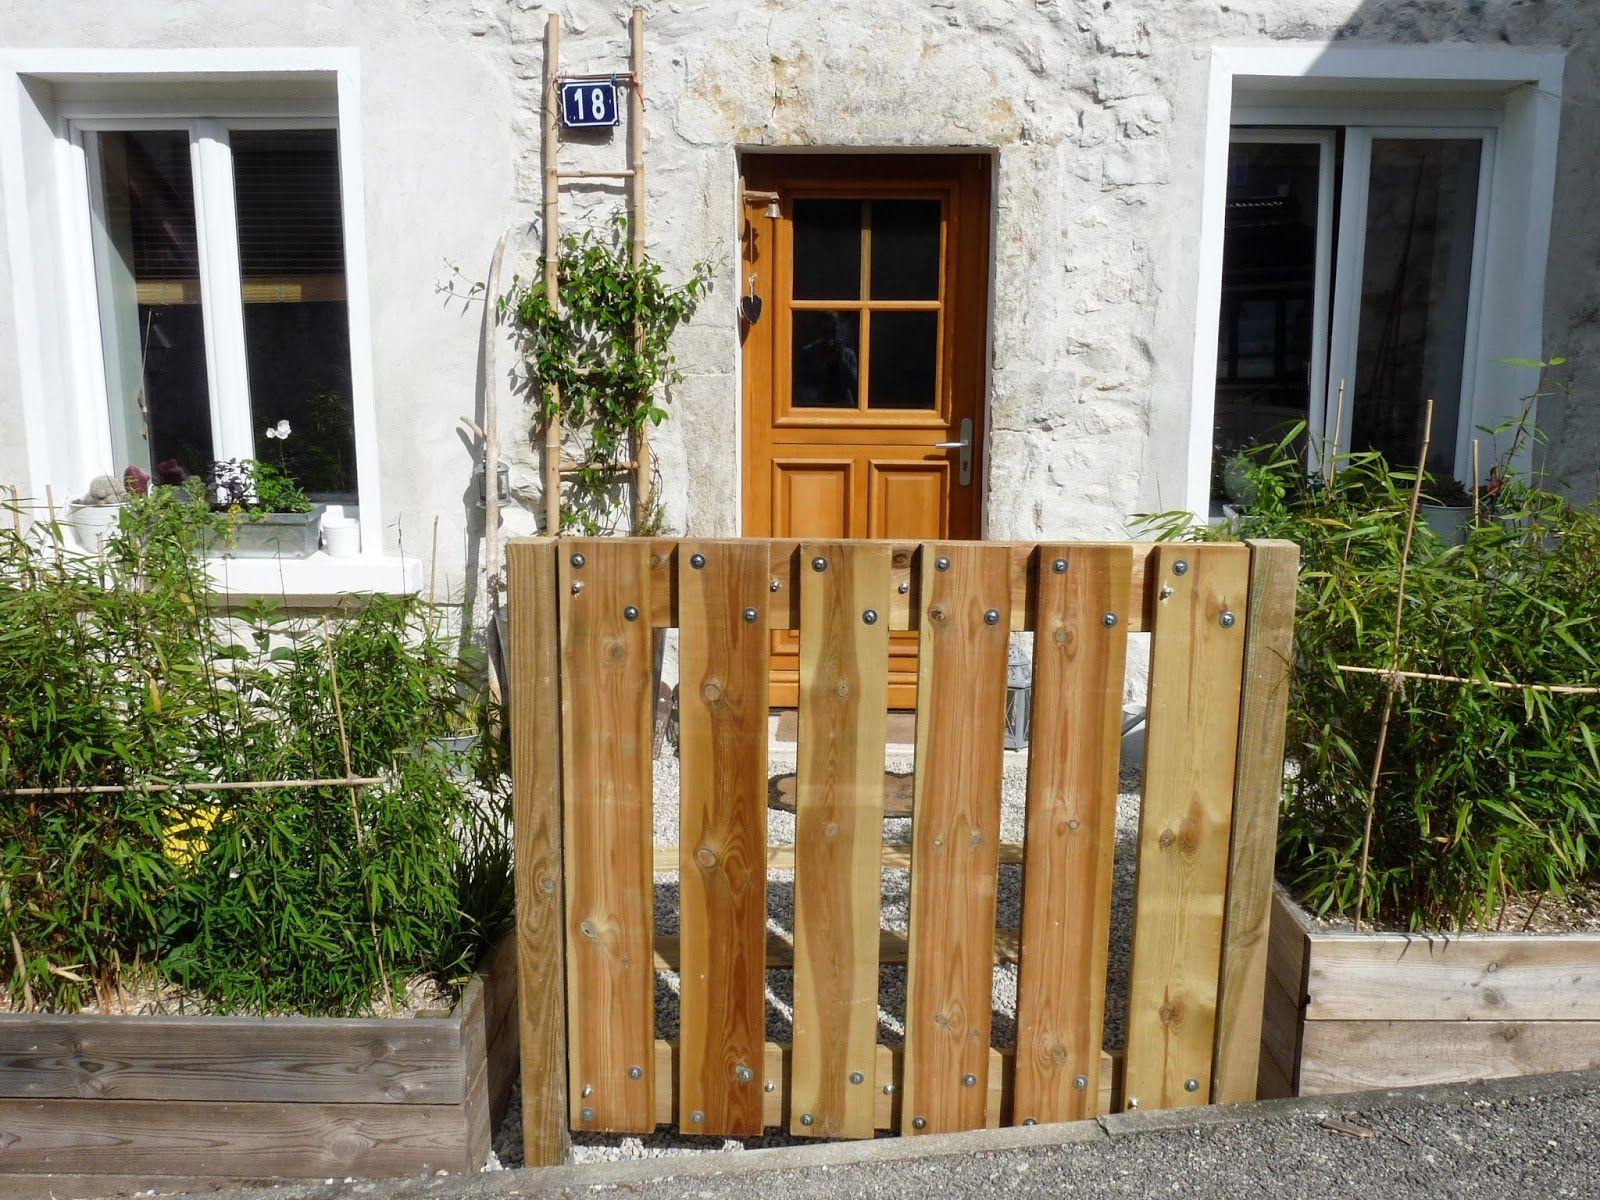 Fabriquer Un Portillon En Bois | Portillon Bois, Portillon ... avec Portillon De Jardin Pas Cher